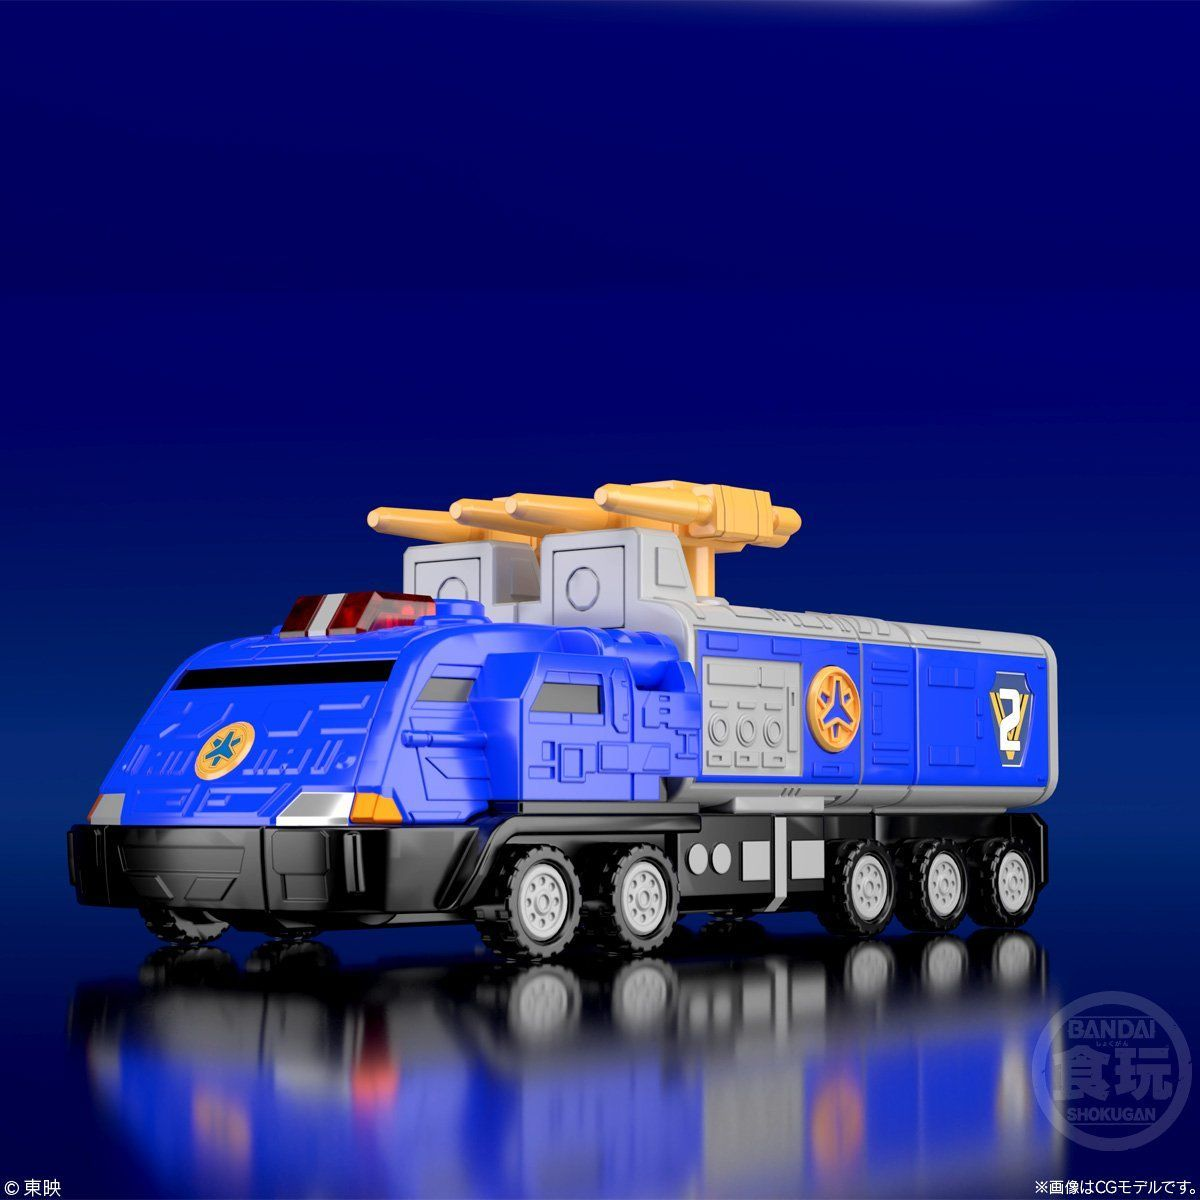 【食玩】スーパーミニプラ『緊急合体 ビクトリーロボ』救急戦隊ゴーゴーファイブ プラモデル-003